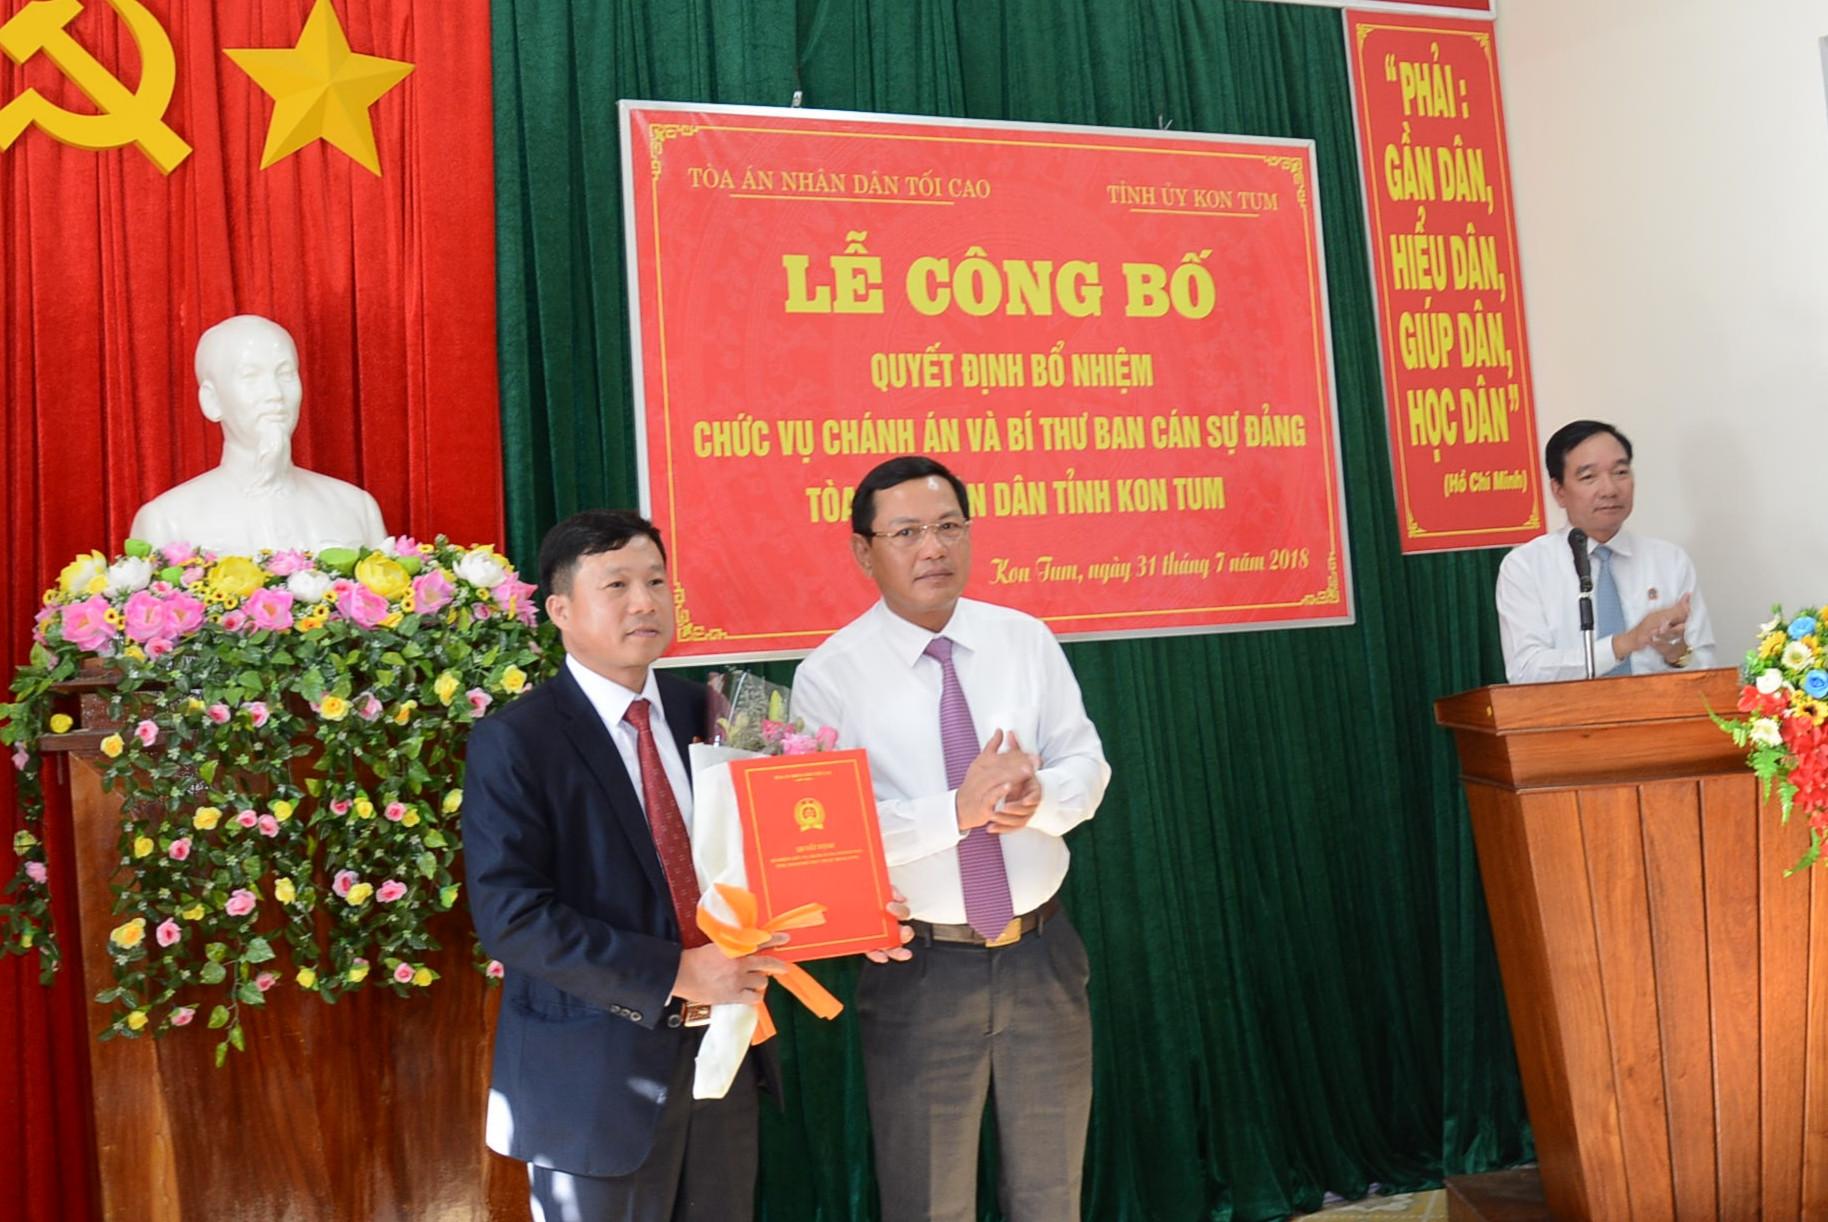 Trao quyết định bổ nhiệm Chánh án TAND tỉnh Kon Tum